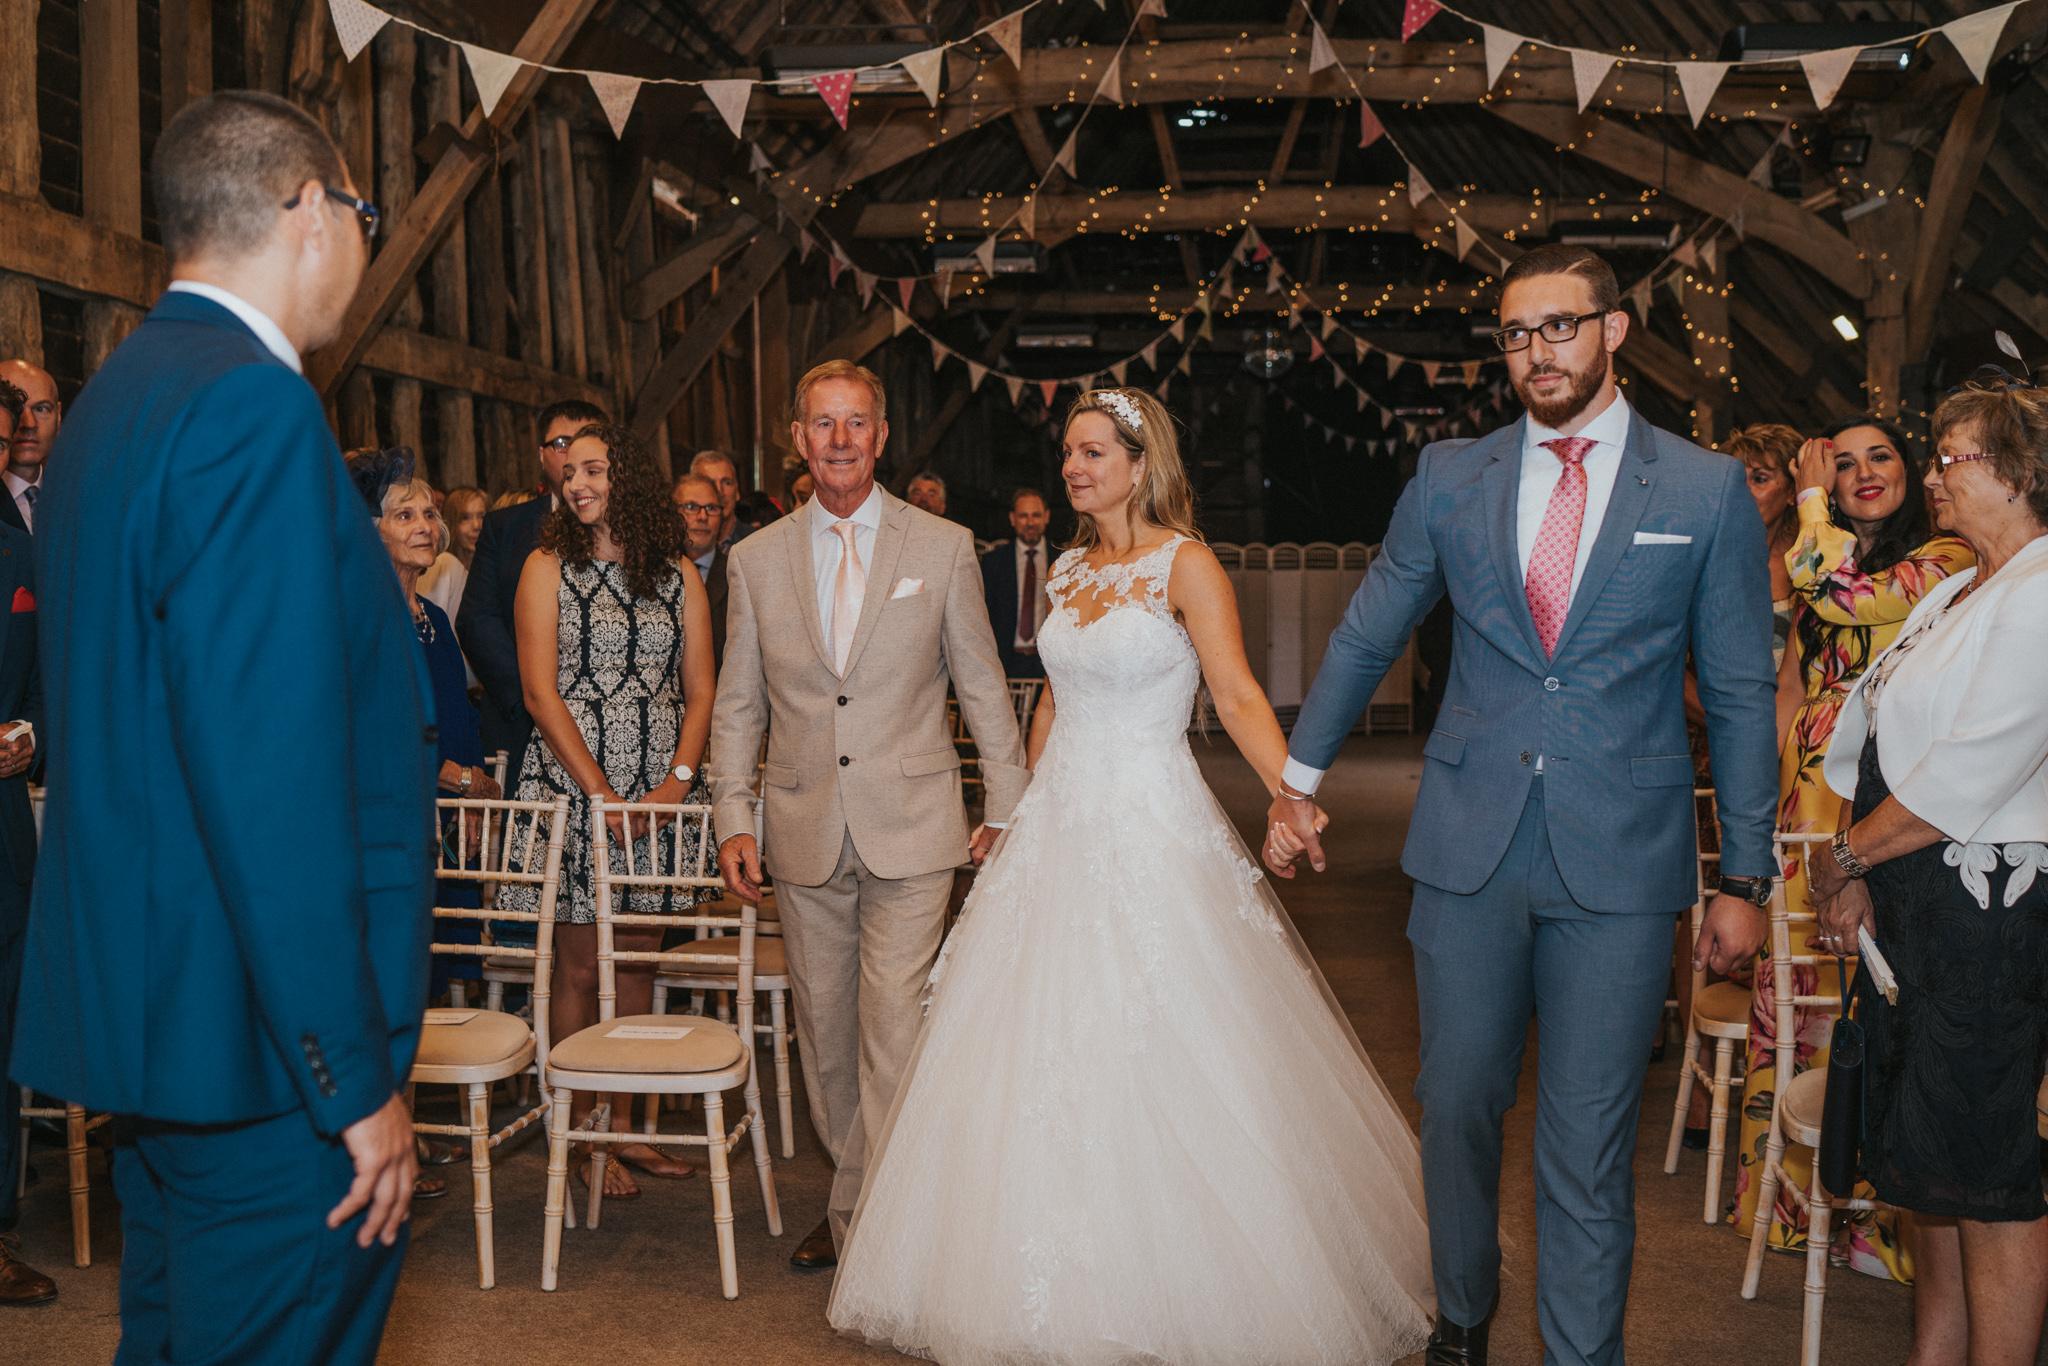 karen-tony-blackthorpe-barn-diy-wedding-grace-elizabeth-colchester-essex-alternative-wedding-lifestyle-photographer-essex-suffolk-norfolk-devon (17 of 35).jpg